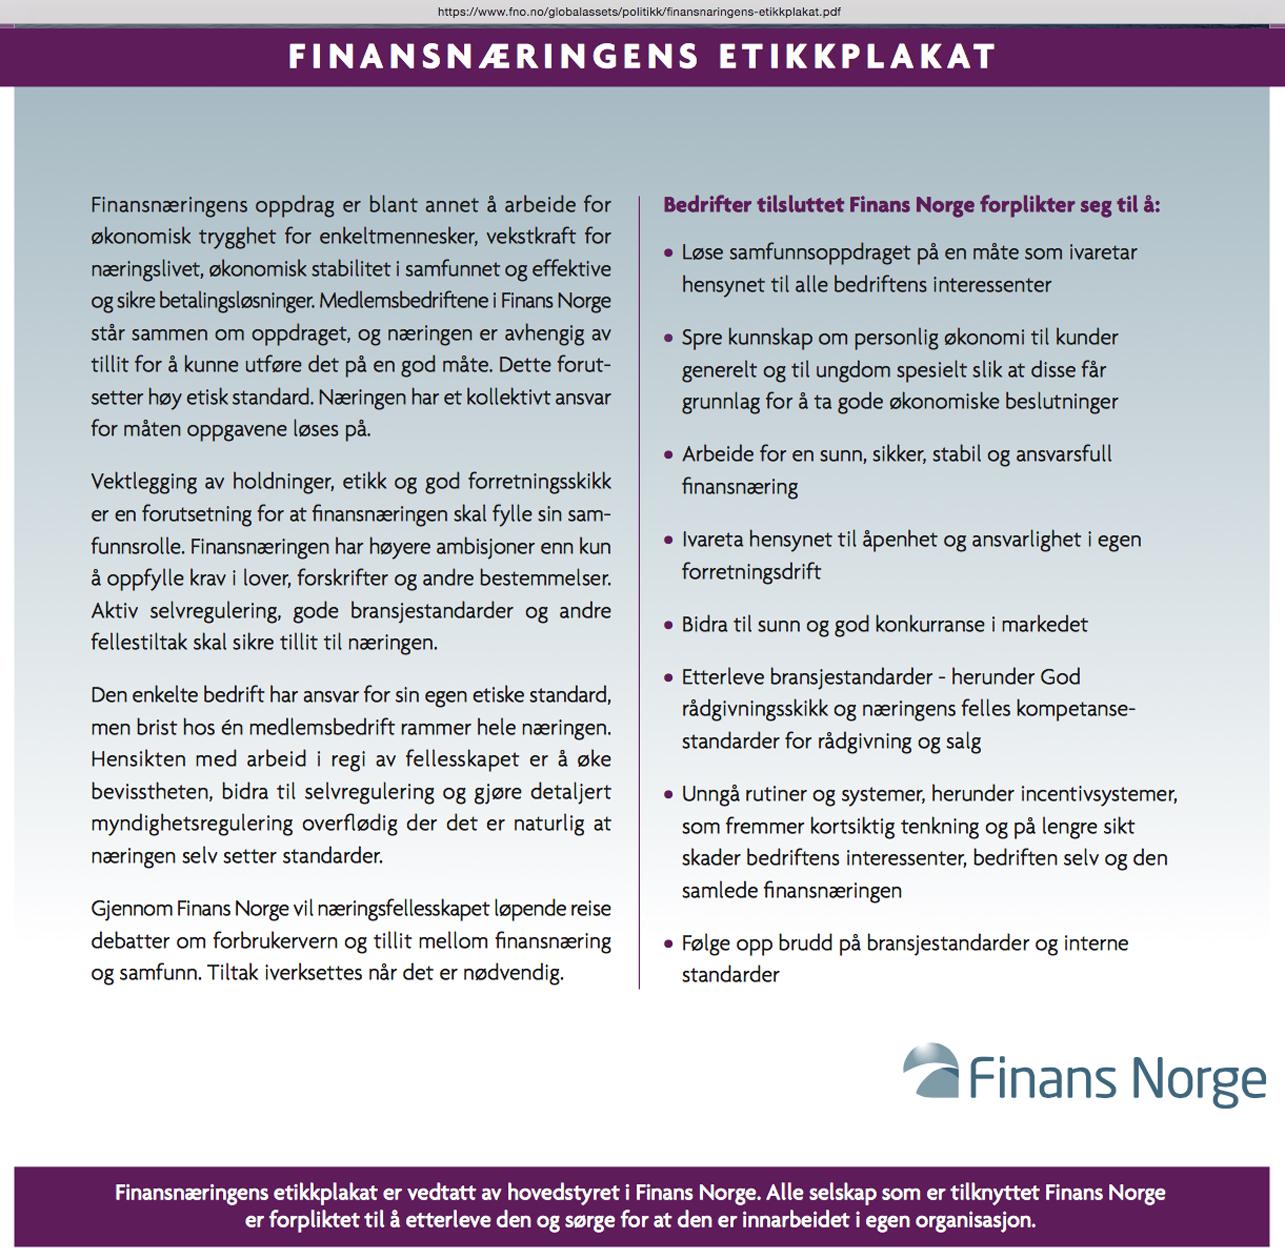 Finansnæringens etikkplakat